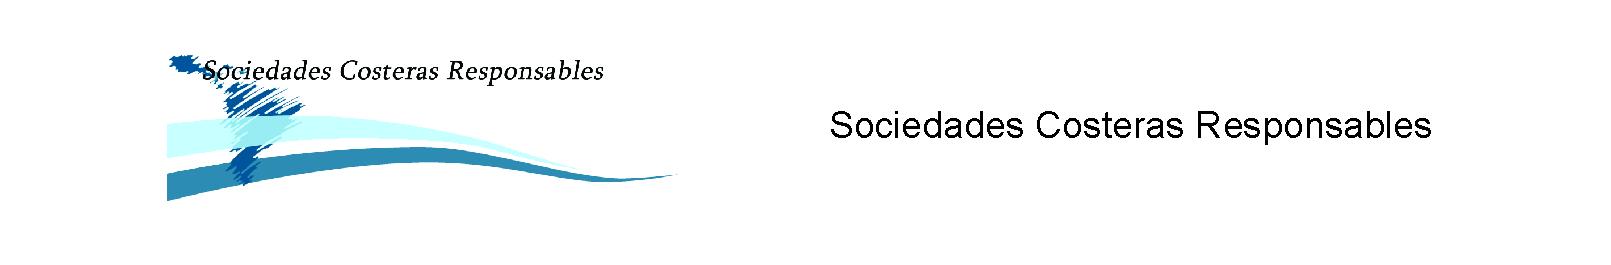 Sociedades costeras responsables